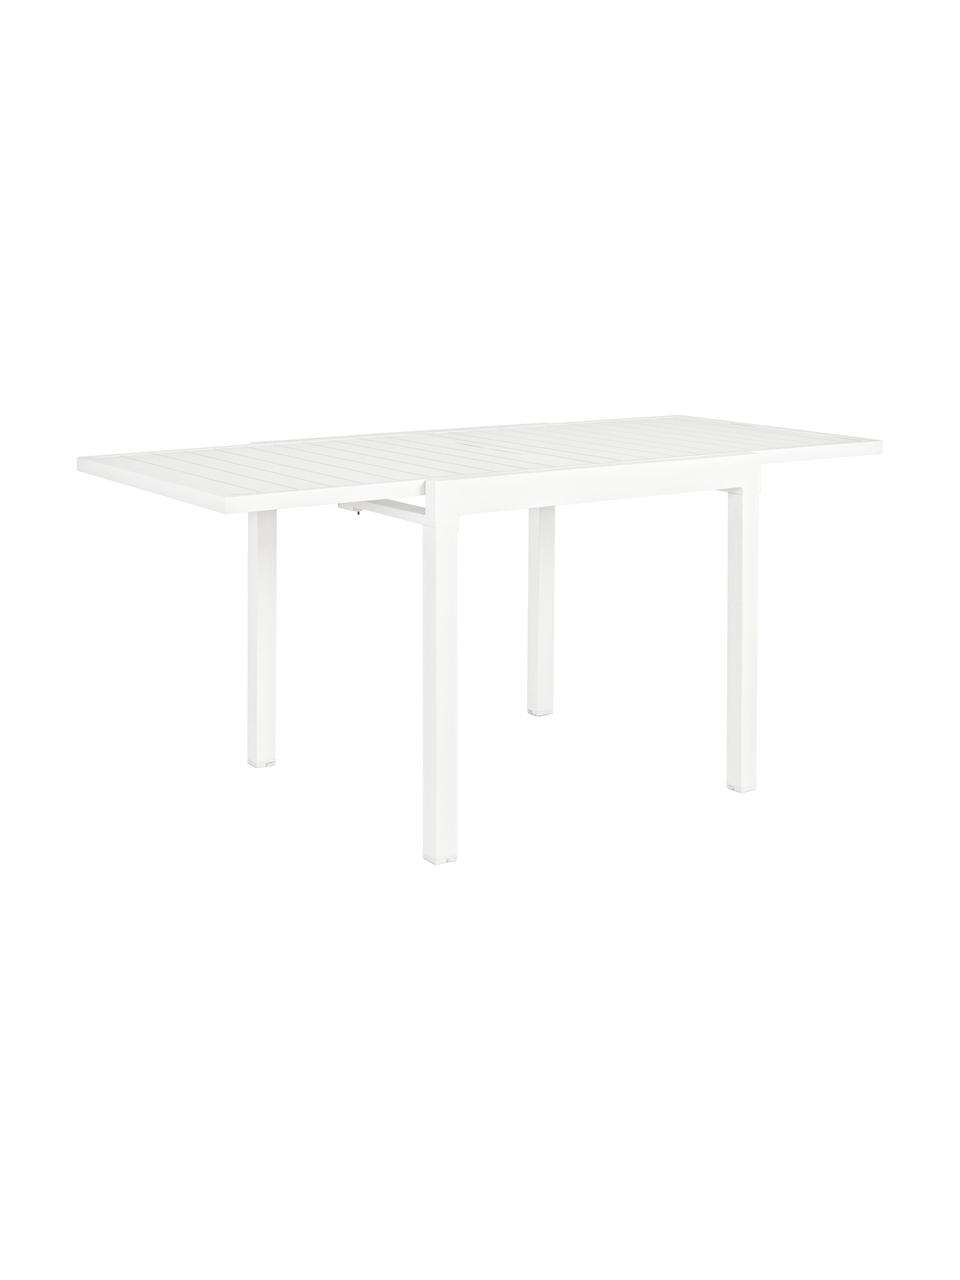 Gartentisch Pelagius, ausziehbar, Aluminium, pulverbeschichtet, Weiß, B 83 bis 166 x T 80 cm